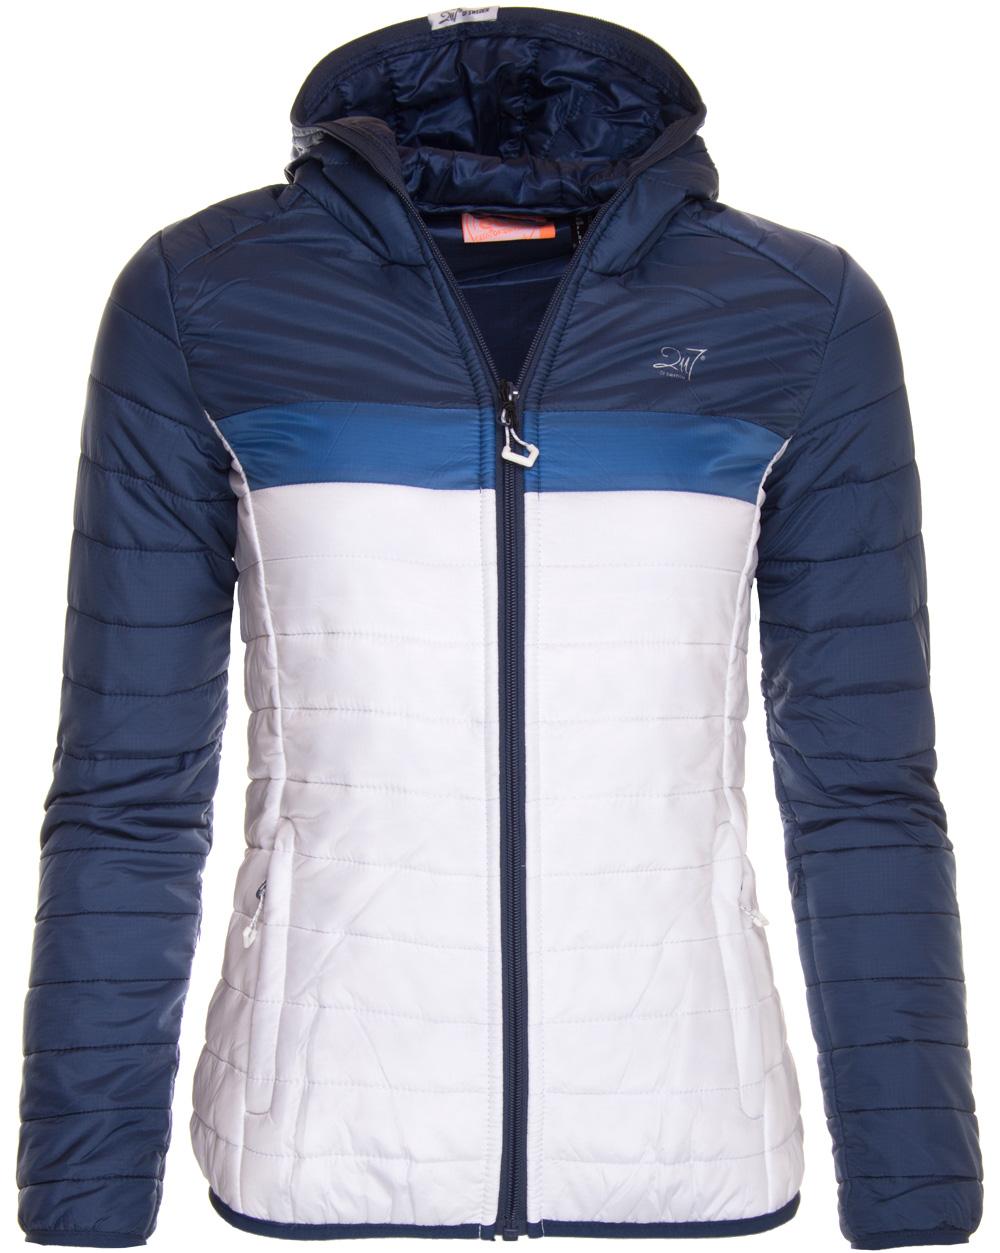 Zimná bunda dámska 2117 SWEDEN SVANSELE ECO